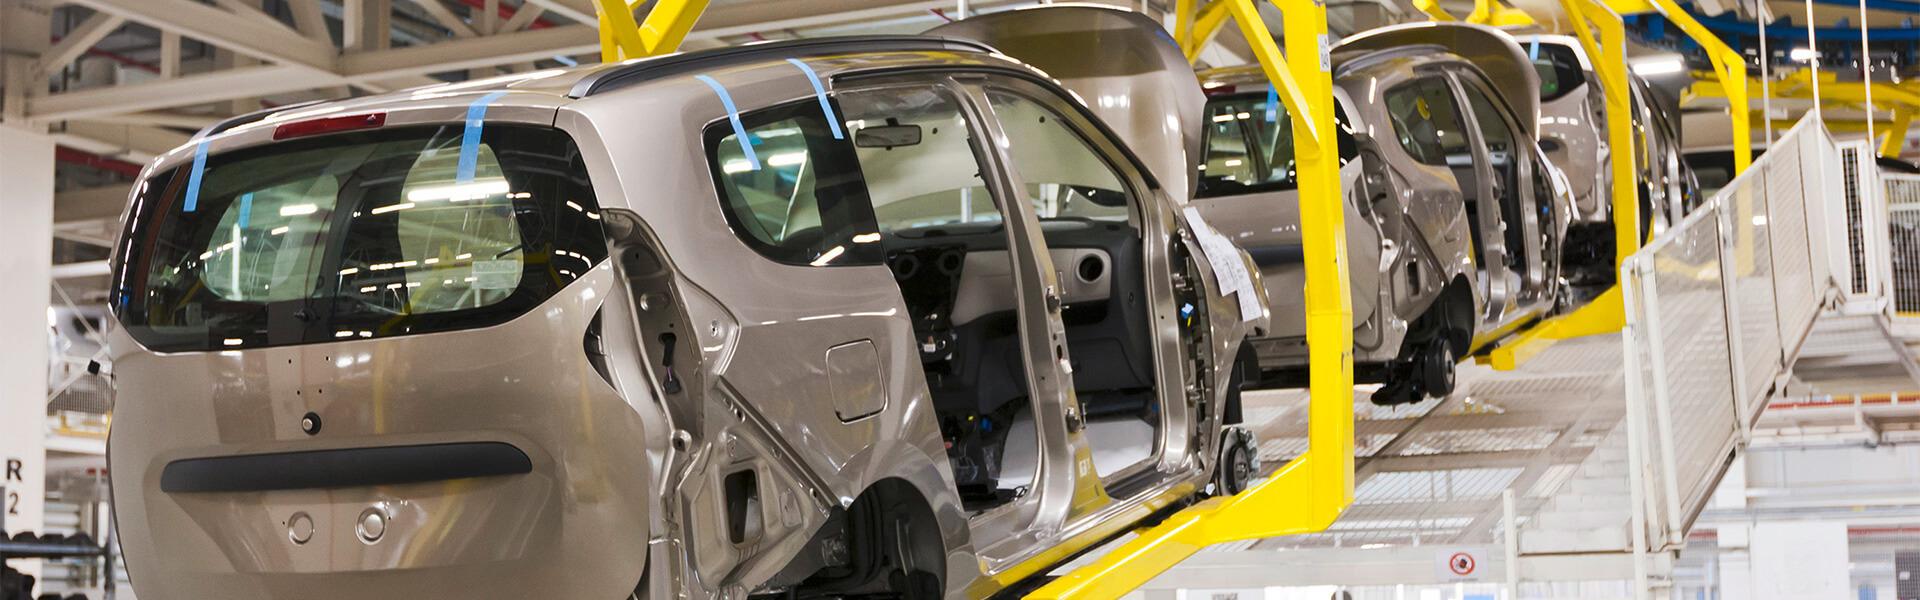 Automobilindustrie - Apparate - und Behälterbau Scheffczik